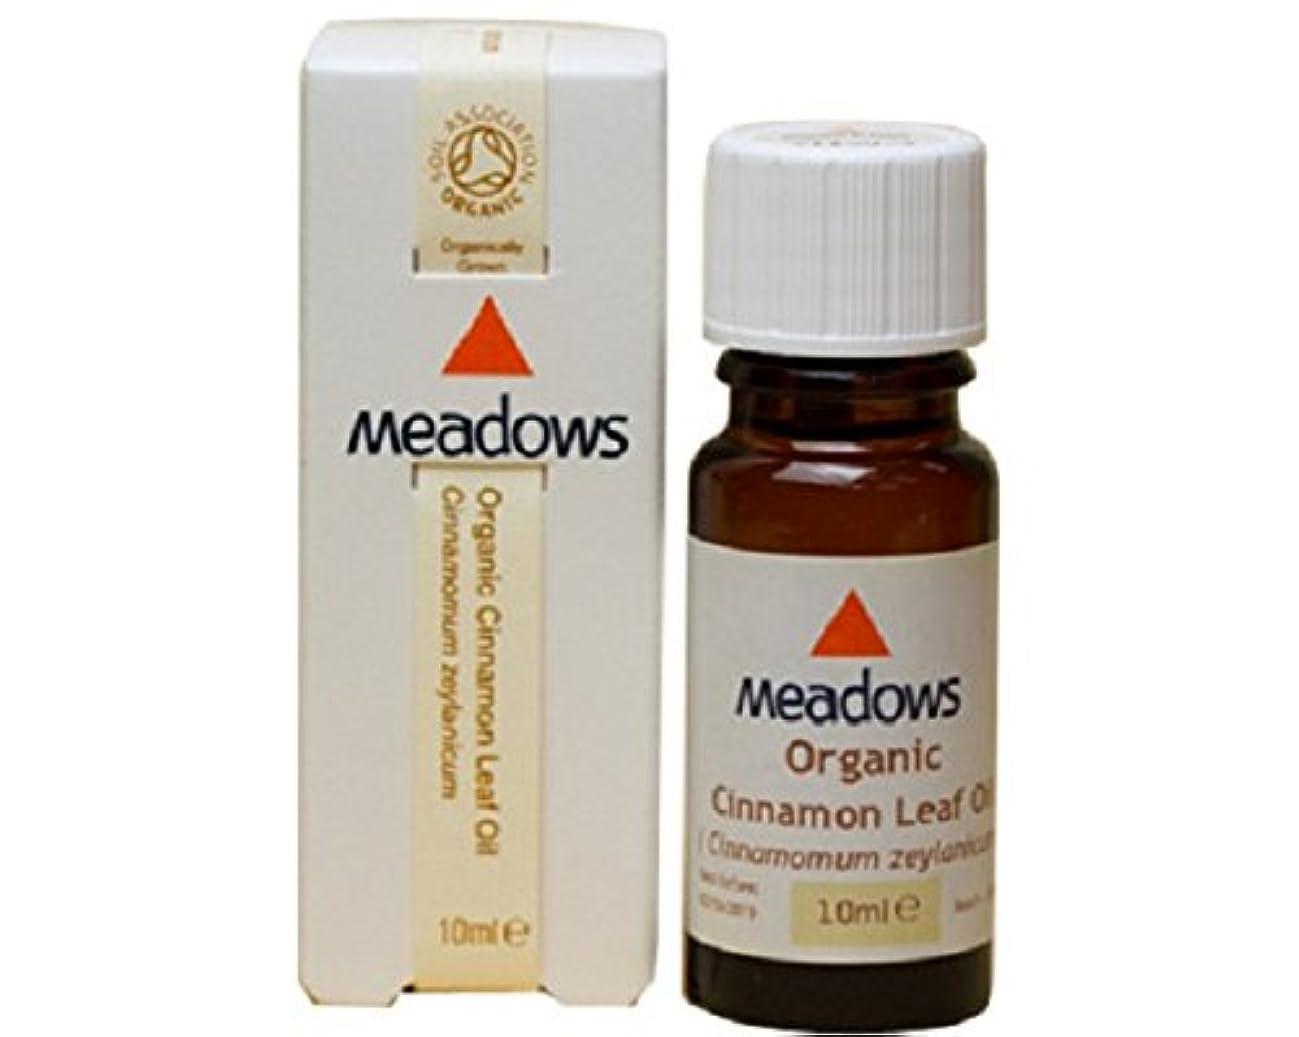 フロンティア病気の適応するメドウズ エッセンシャルオイル シナモンリーフ 10ml